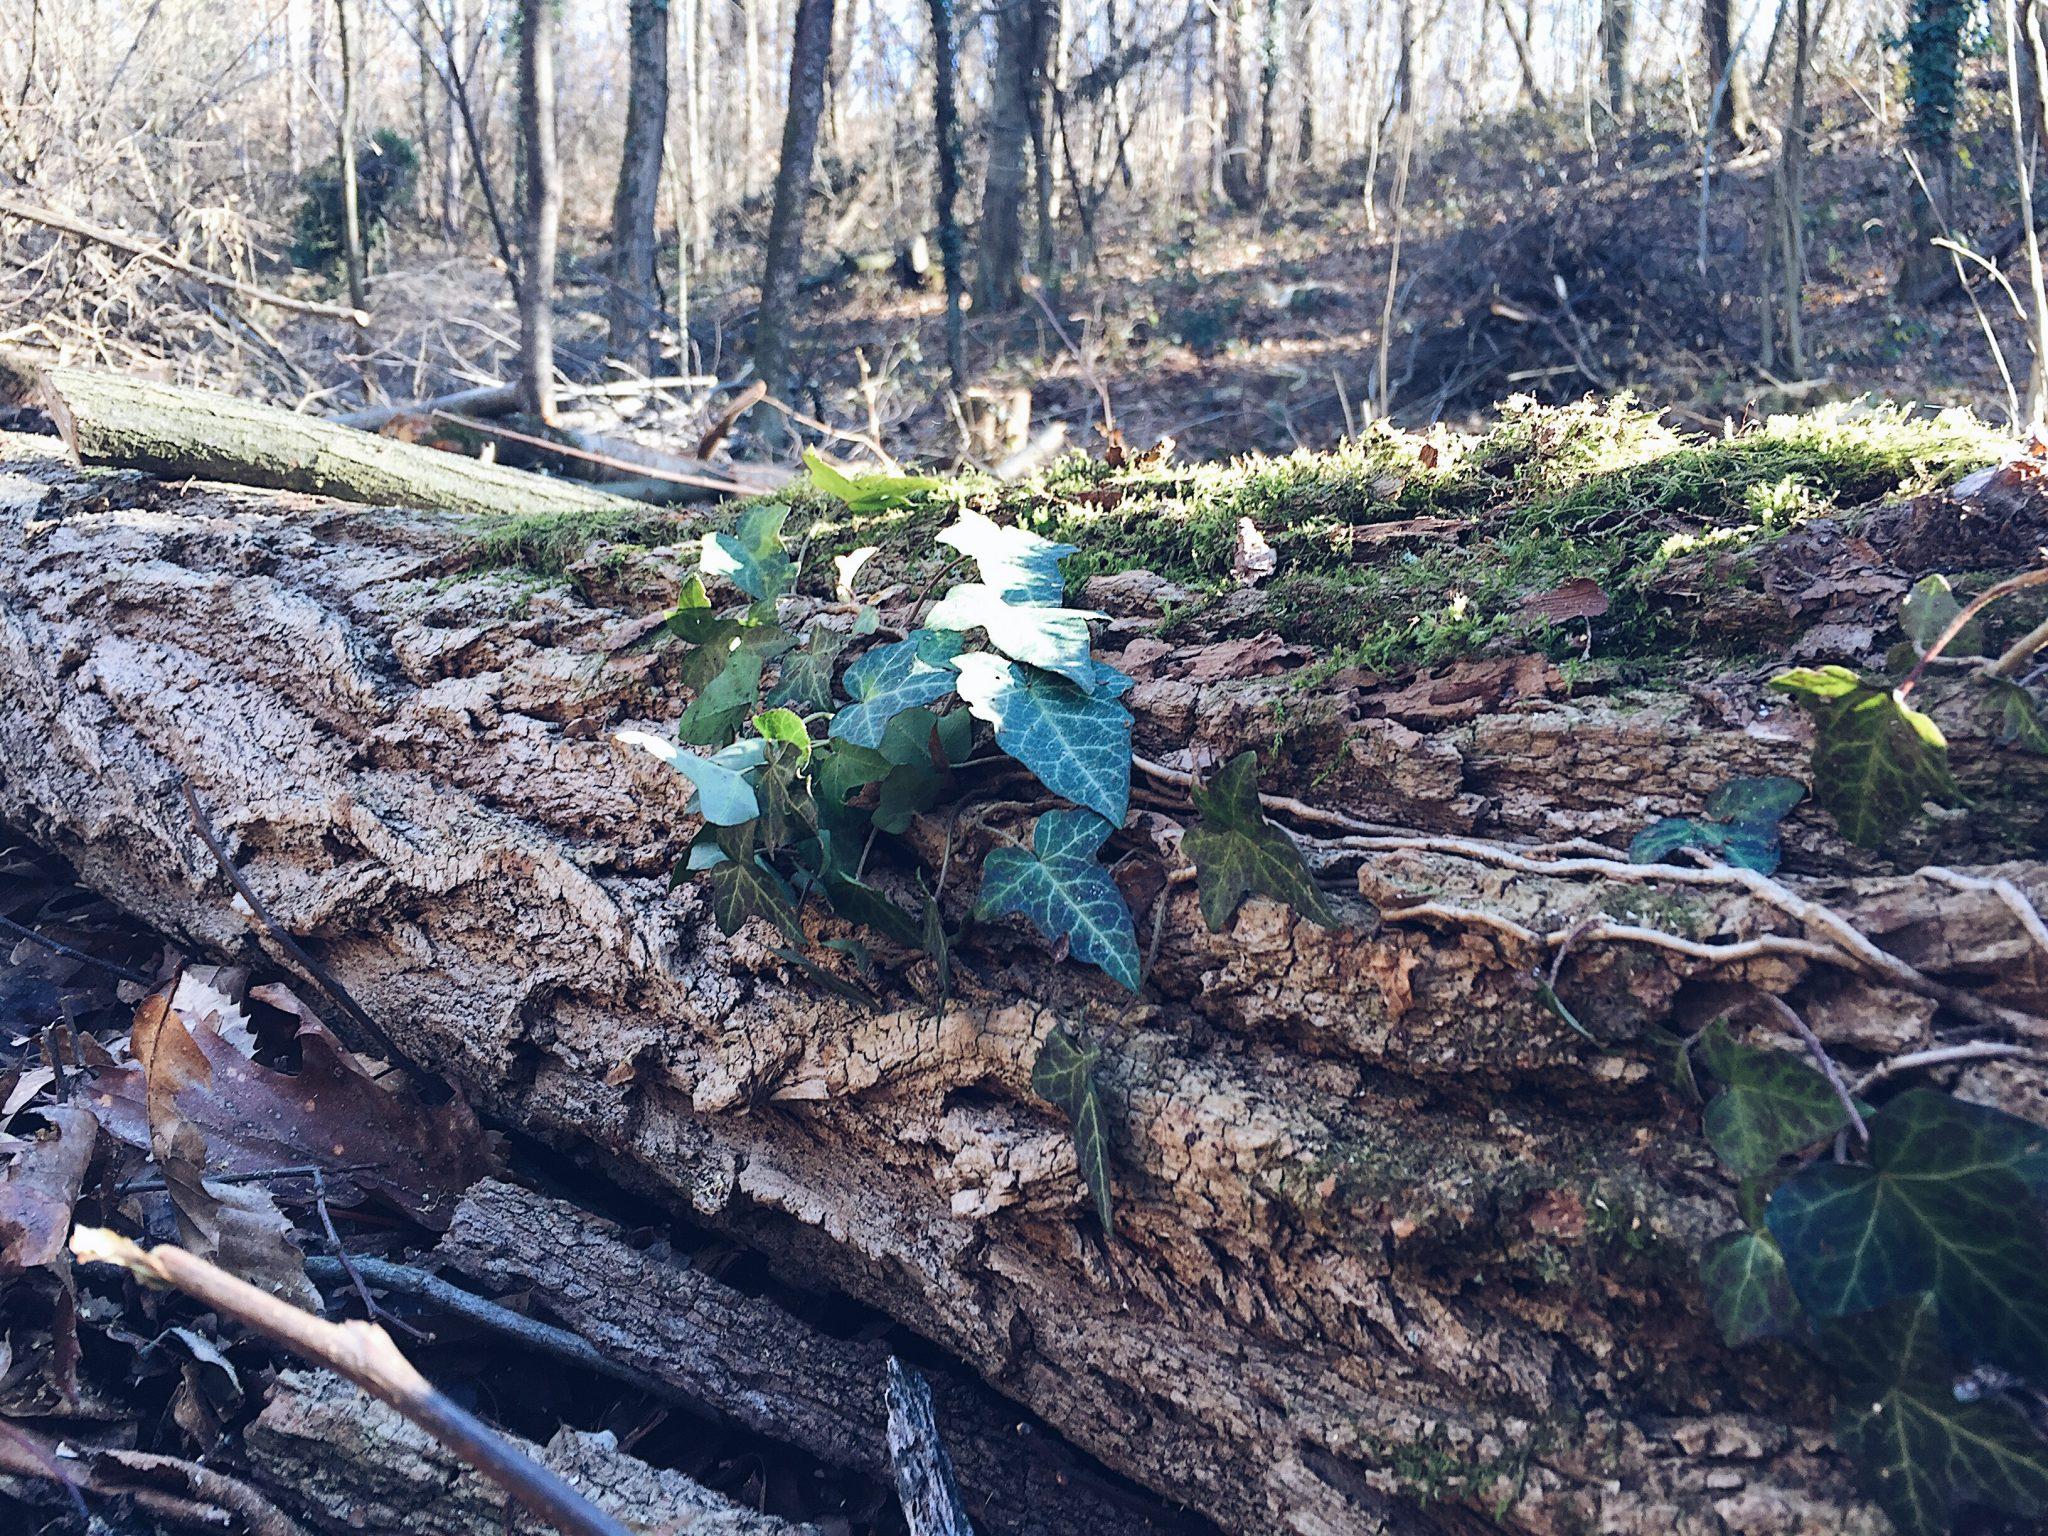 tronco caduto nel bosco ricoperto d'edera - tatianaberlaffa.com